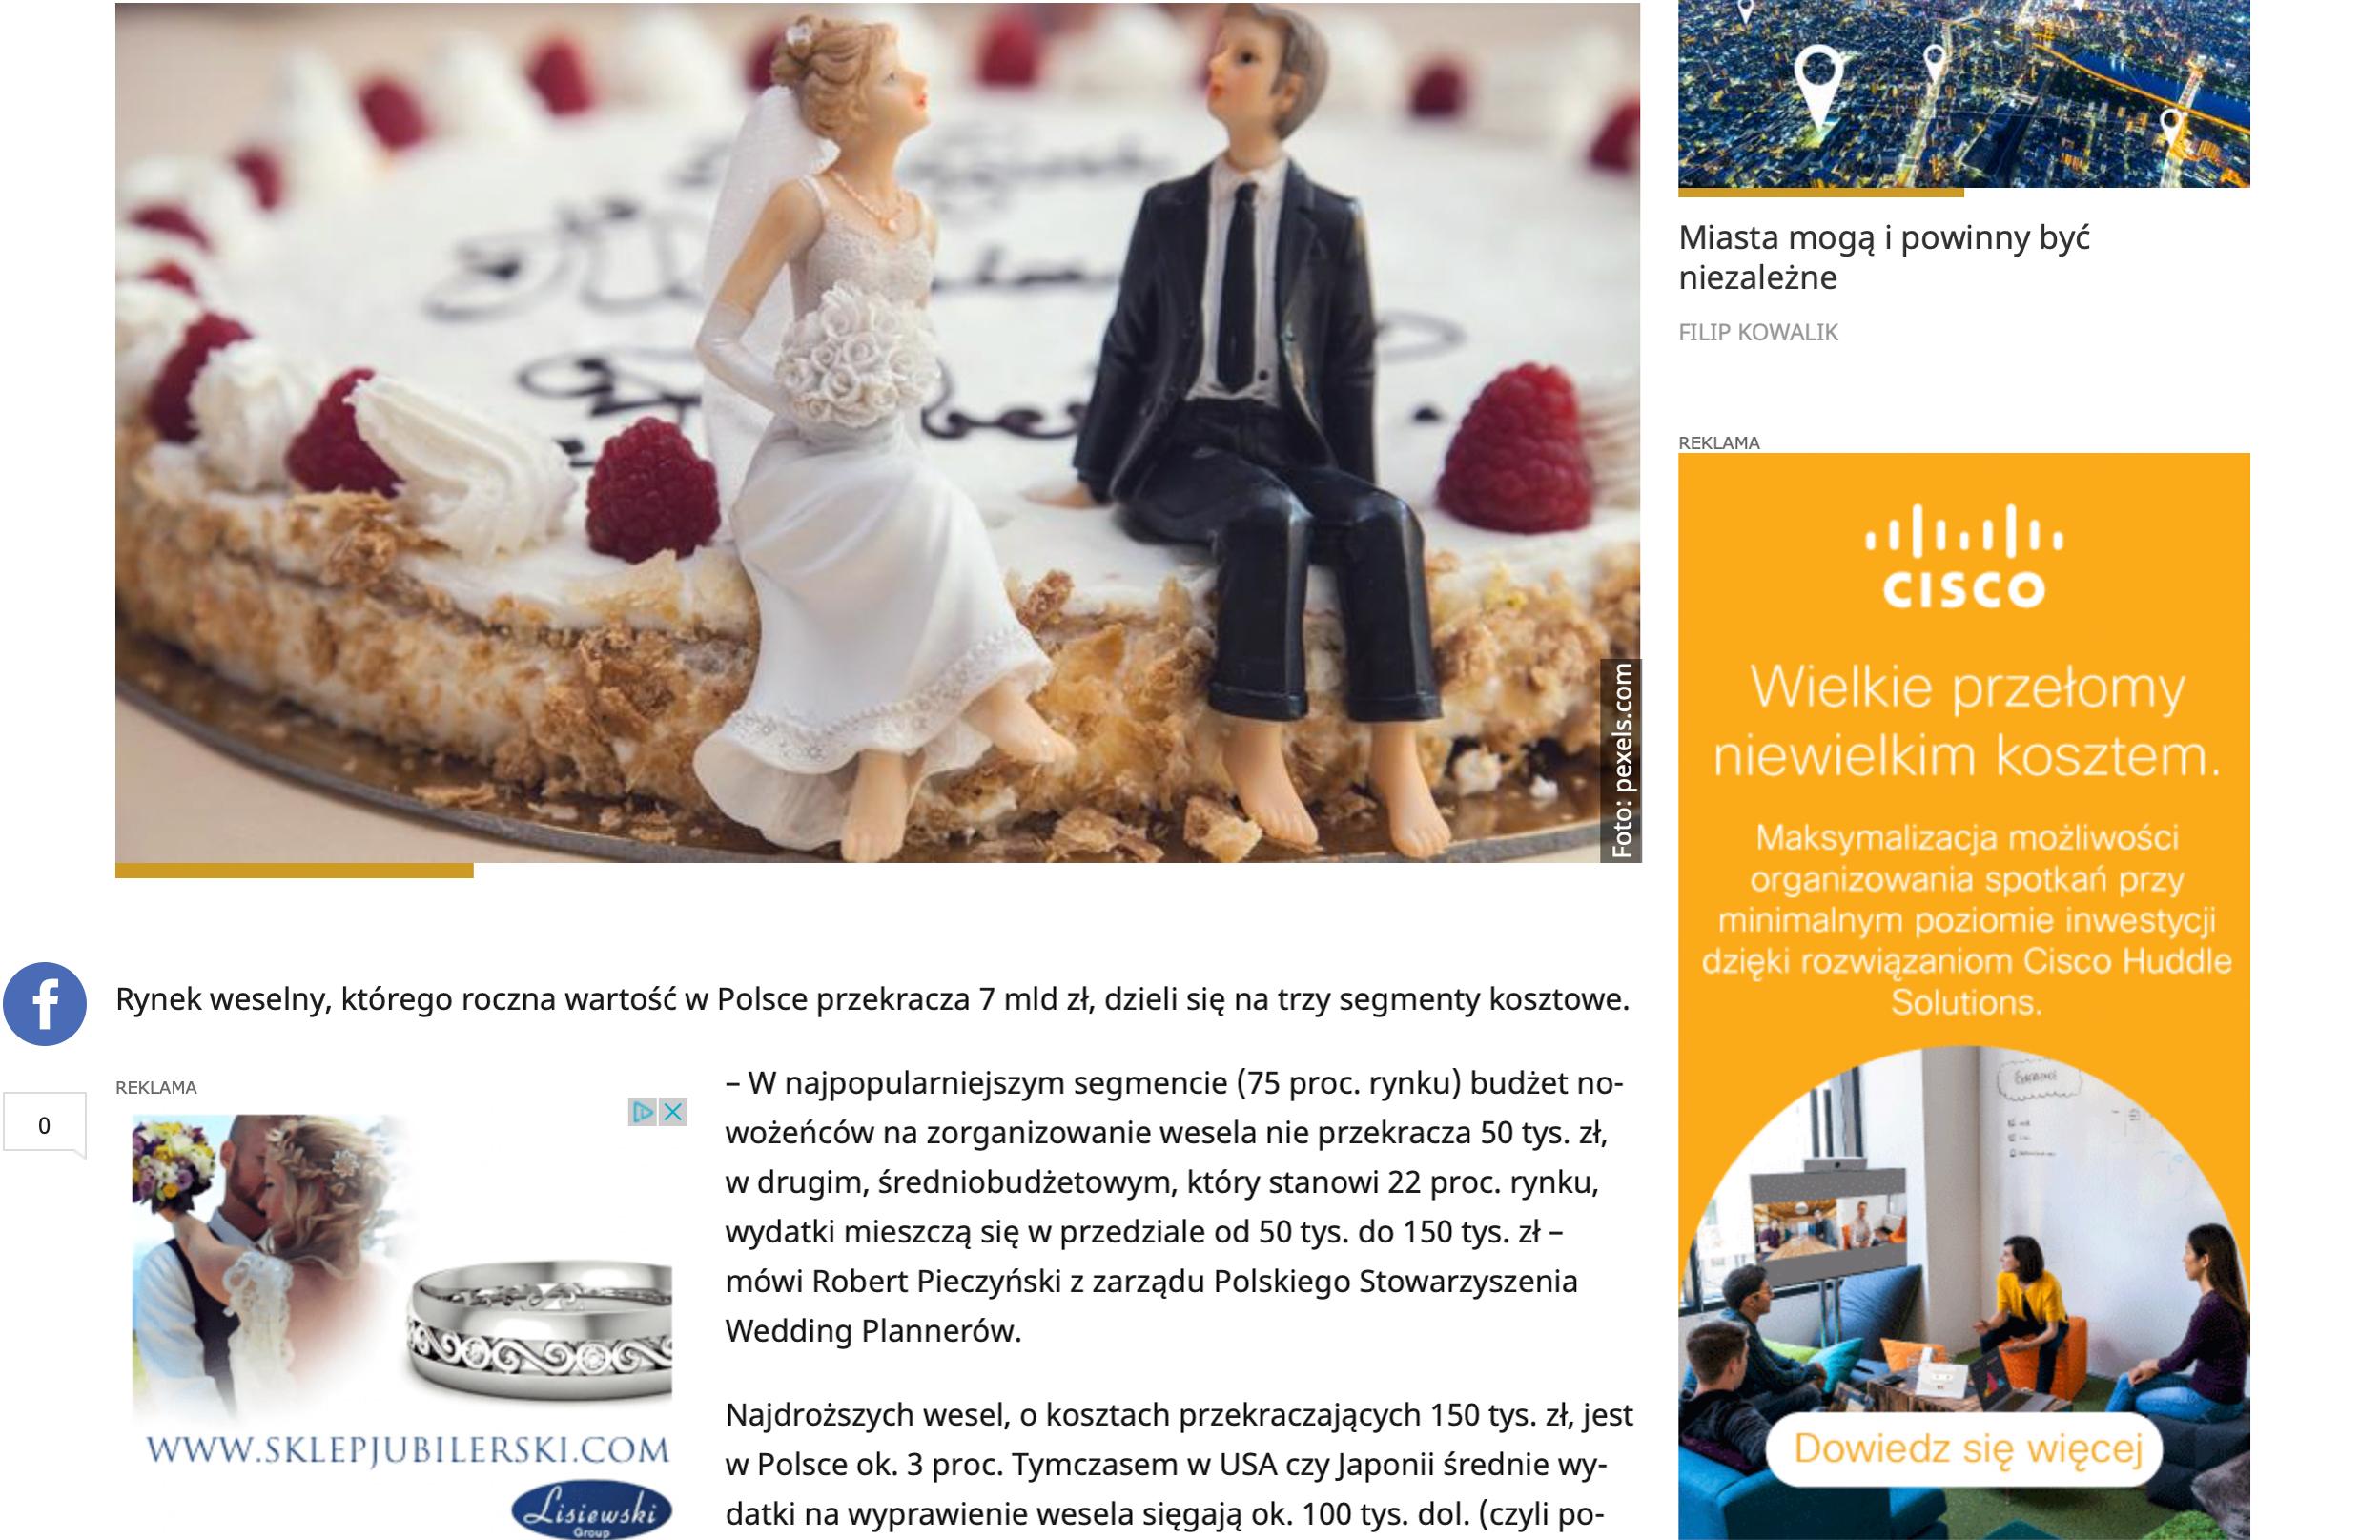 Forbes-Pieczyński-DecorAmor-Polskie-Stowarzyszenie-Wedding-Plannerów-02